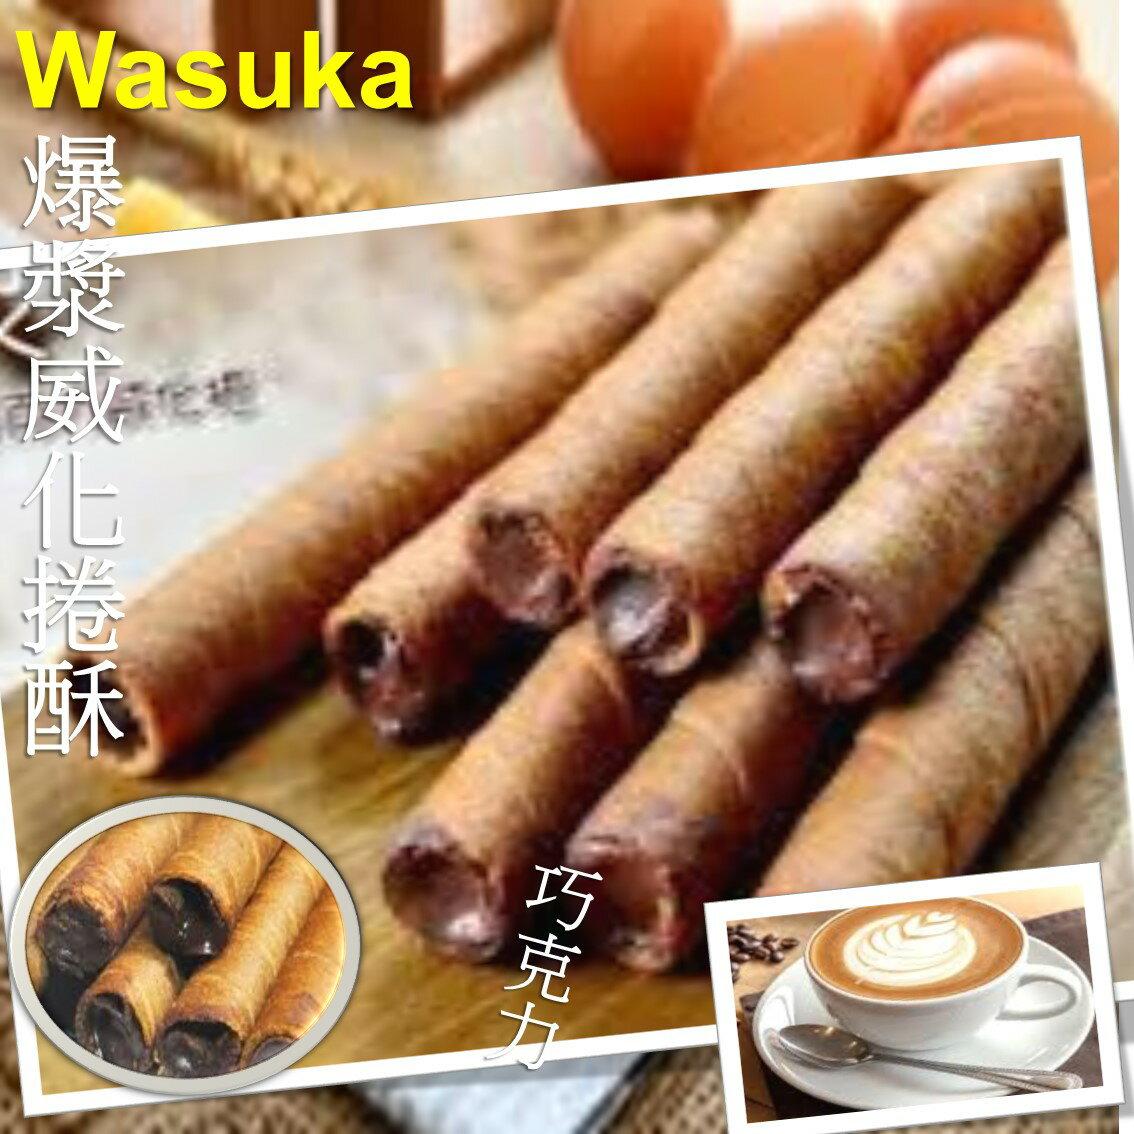 印尼Wasuka爆漿威化捲心酥 爆漿捲心酥   巧克力 /起司 1種口味   團購美食 (大包裝)【樂活生活館】